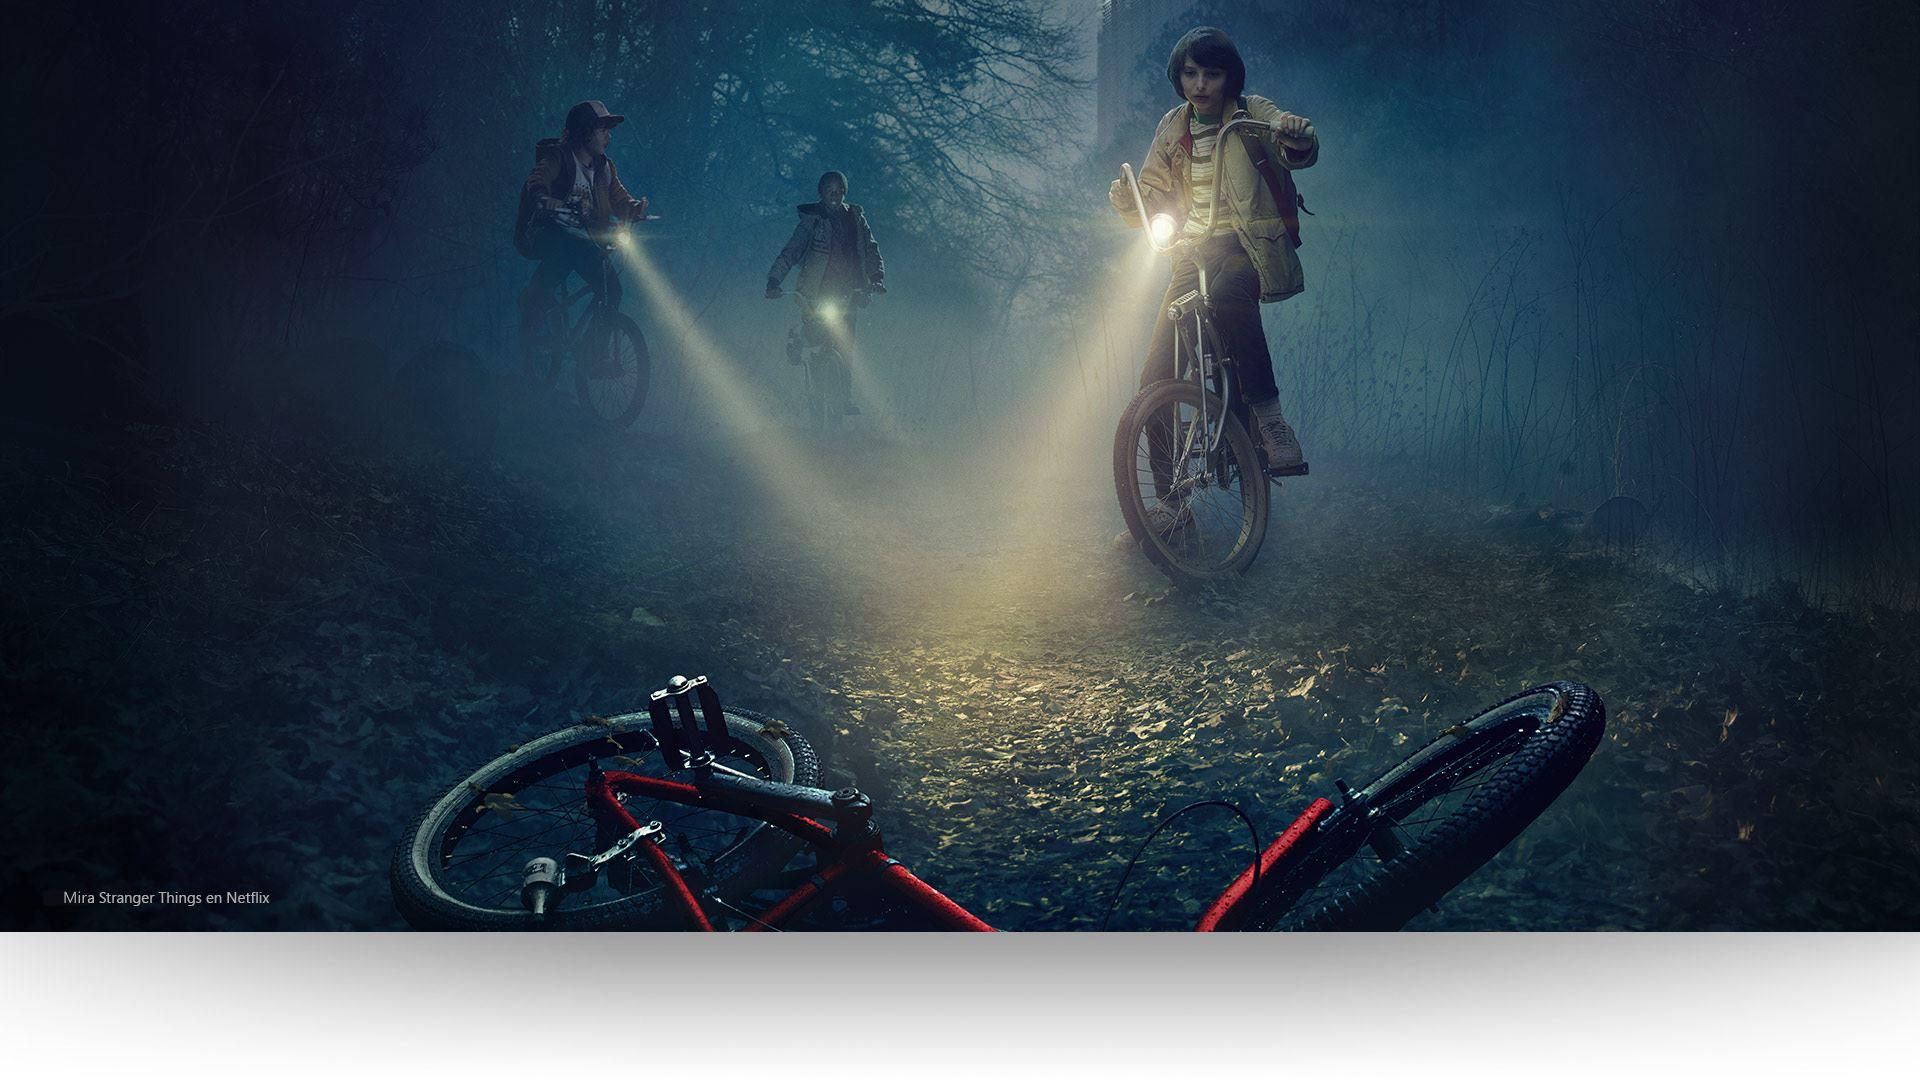 Unos chamacos en bici descubren que alguien perdió una bicicleta. Mira el avance de Stranger Things en Netflix